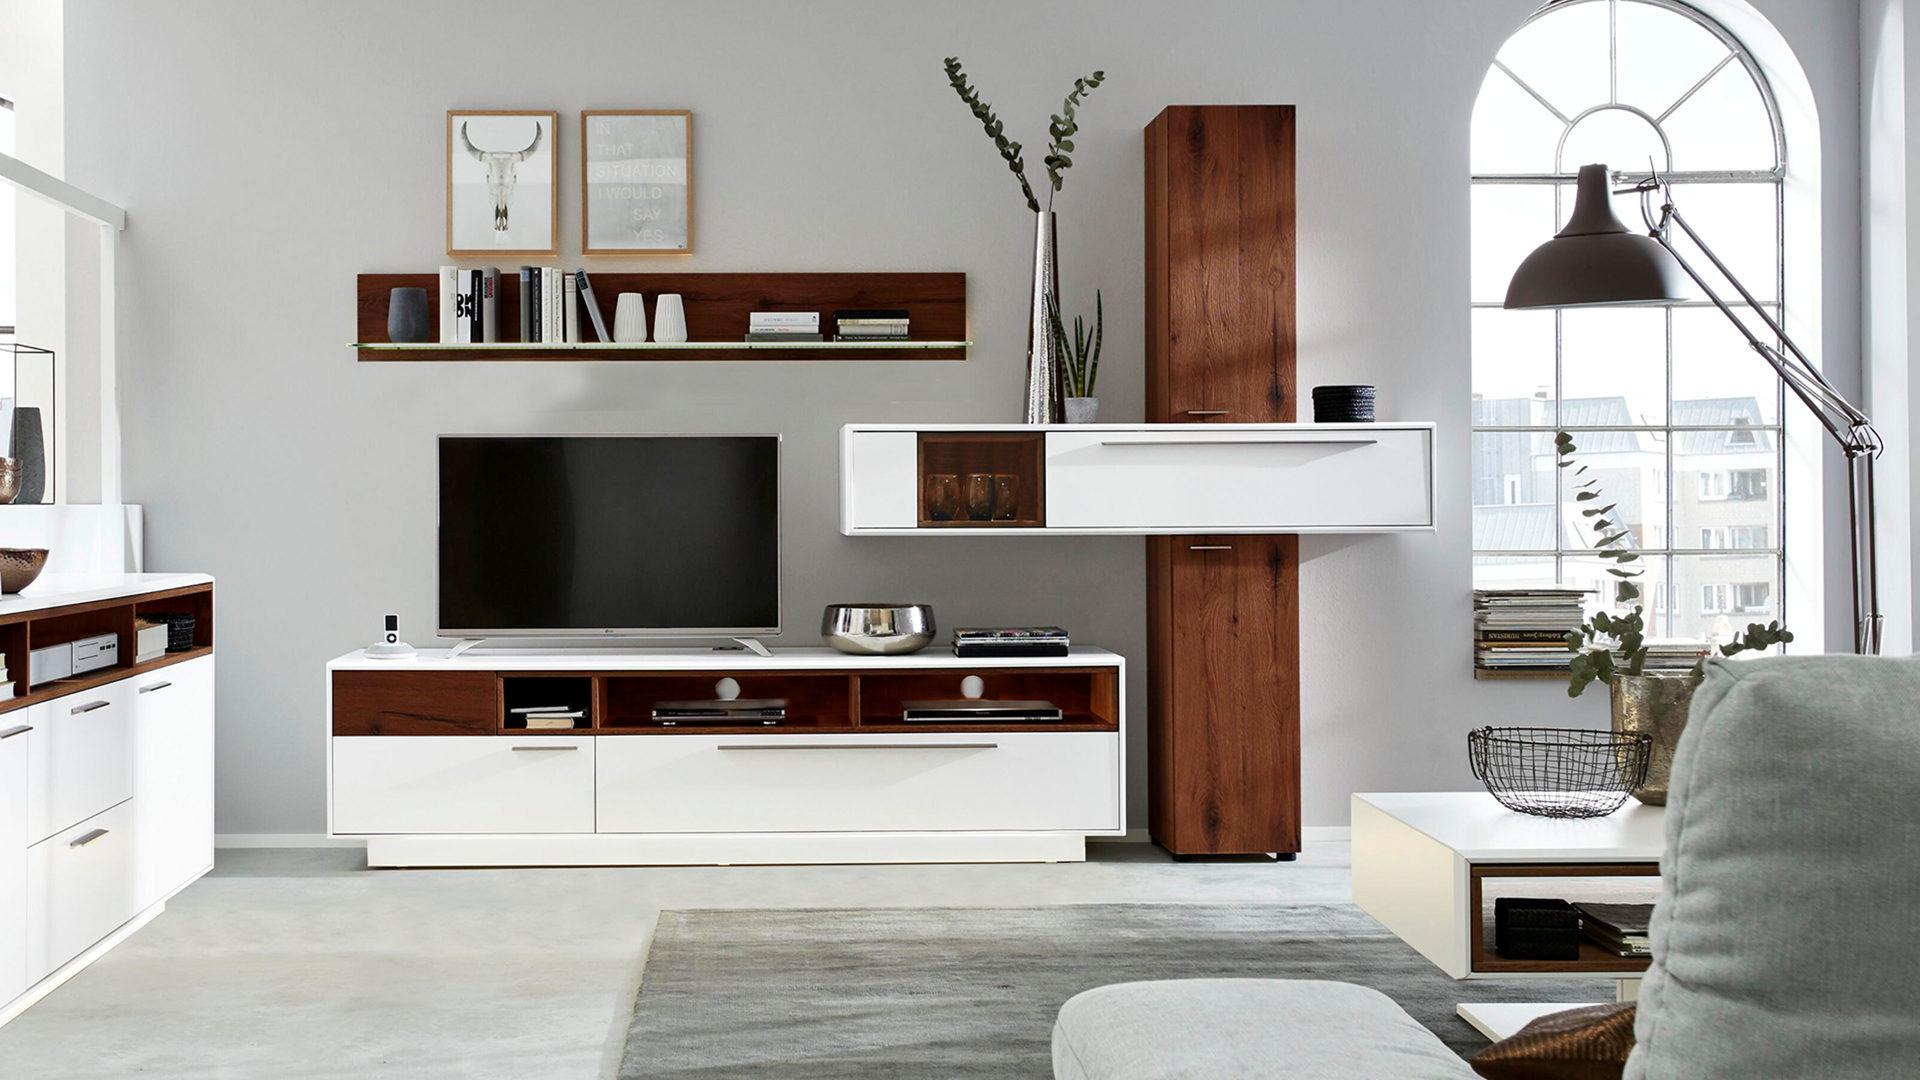 Interliving Wohnzimmer Serie 17 – Wohnkombination 17S, dunkles  Asteiche-Furnier & weißer Mattlack – vierteilig, Breit